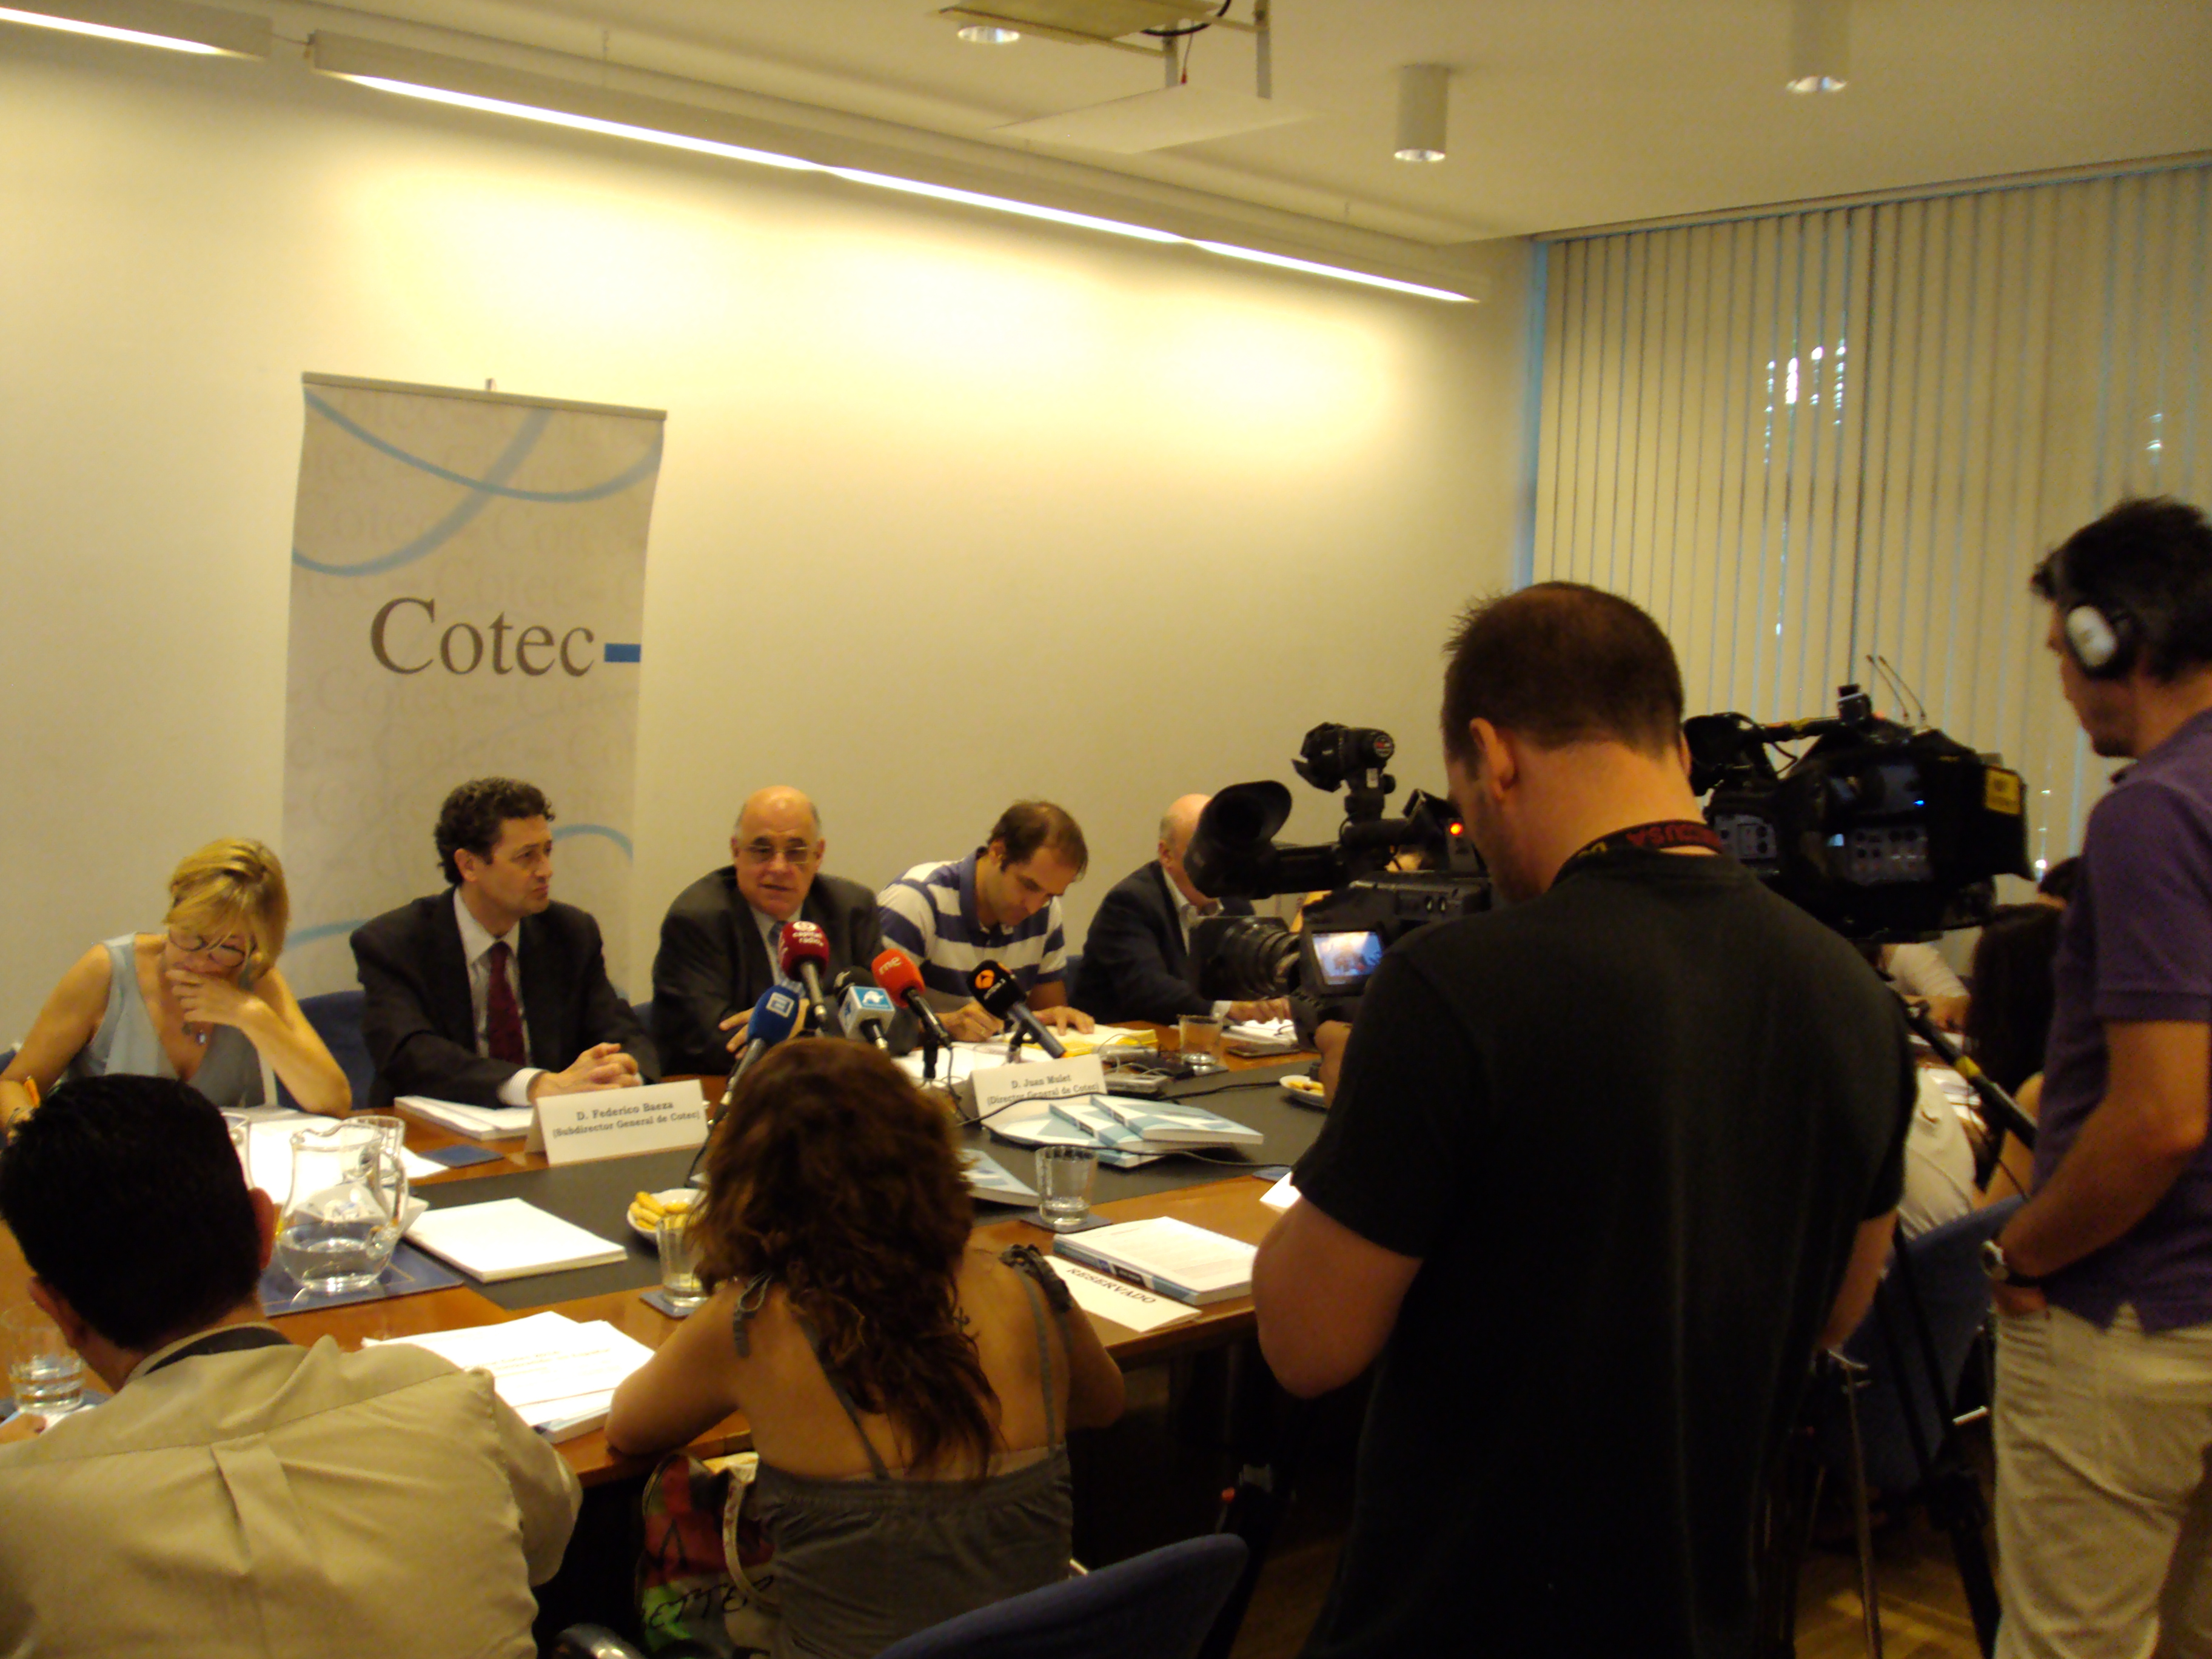 2. Foto Presentación Informe Cotec 2014 (2) (1)  Gasto en Innovación y Desarrollo: España vuelve a cifras anteriores a 2008 y cada vez más lejos de la media europea 2 foto presentacic3b3n informe cotec 2014 2 1